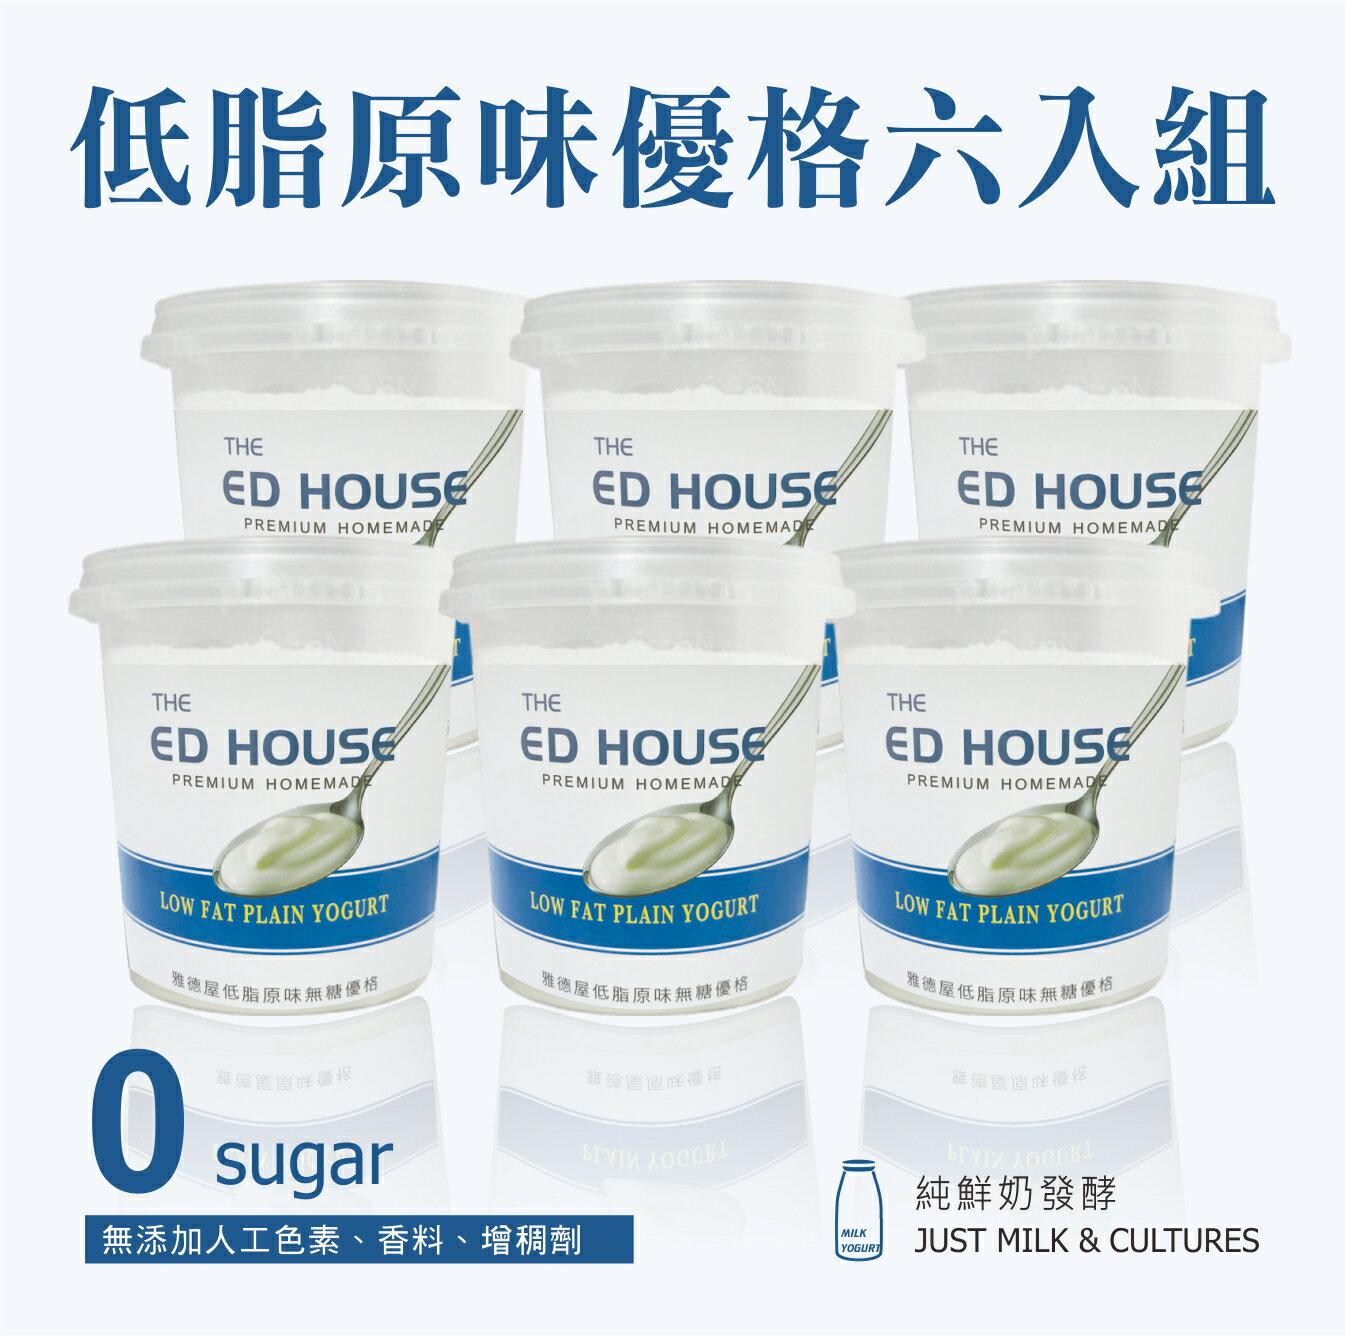 低脂原味無糖優格【獨享杯】6杯組  160g/杯  健康 腸胃 發酵乳 低熱量